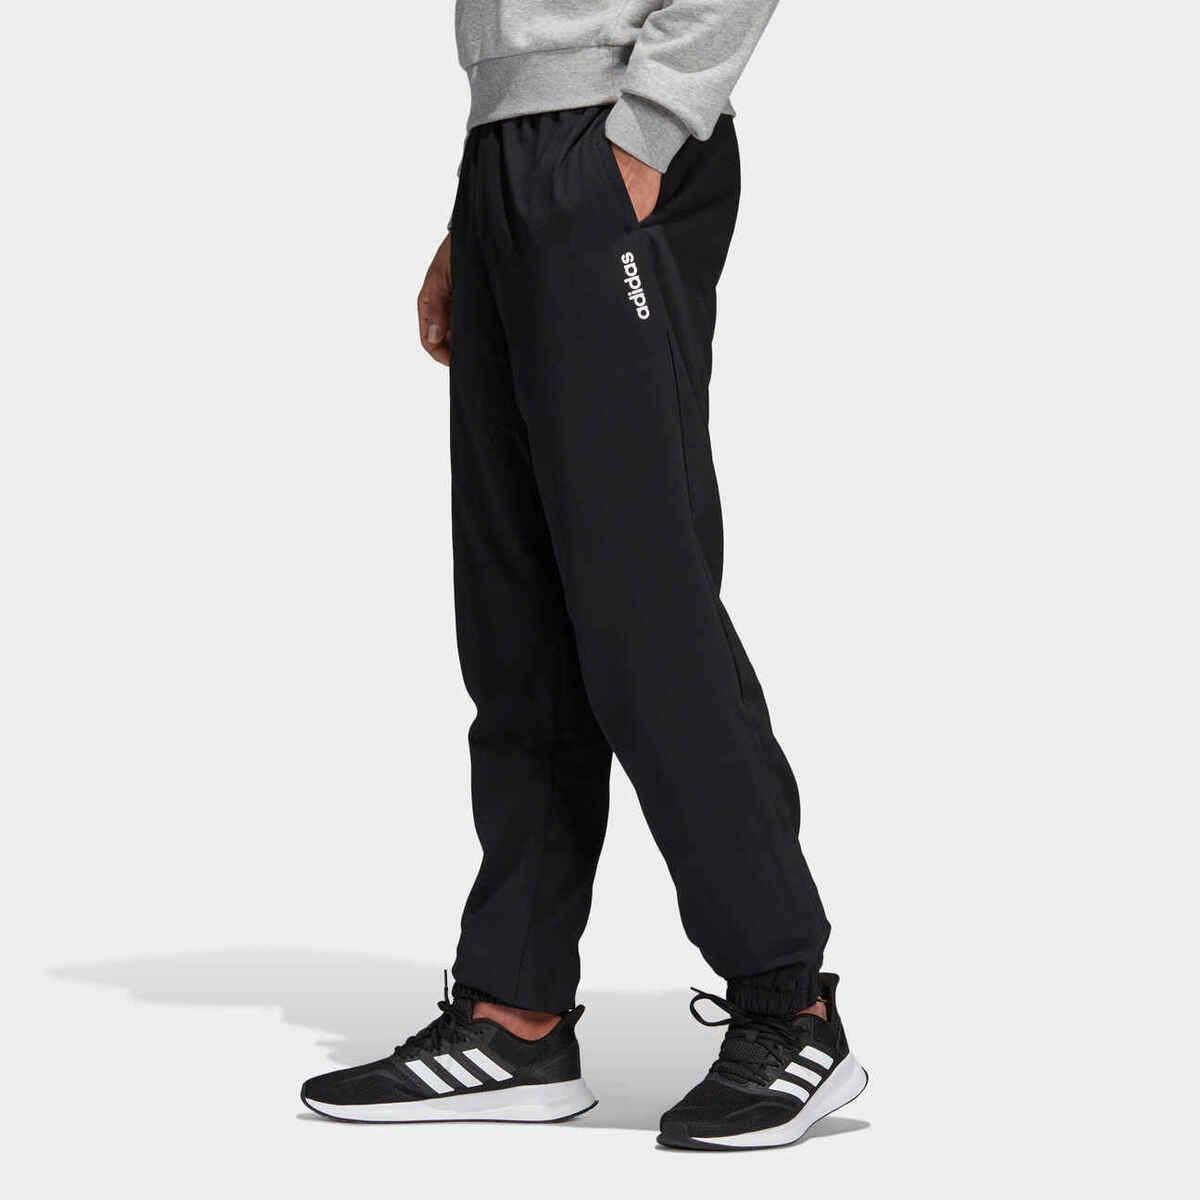 Bild 1 von ADIDAS Sporthose Fitness Cardio Herren schwarz